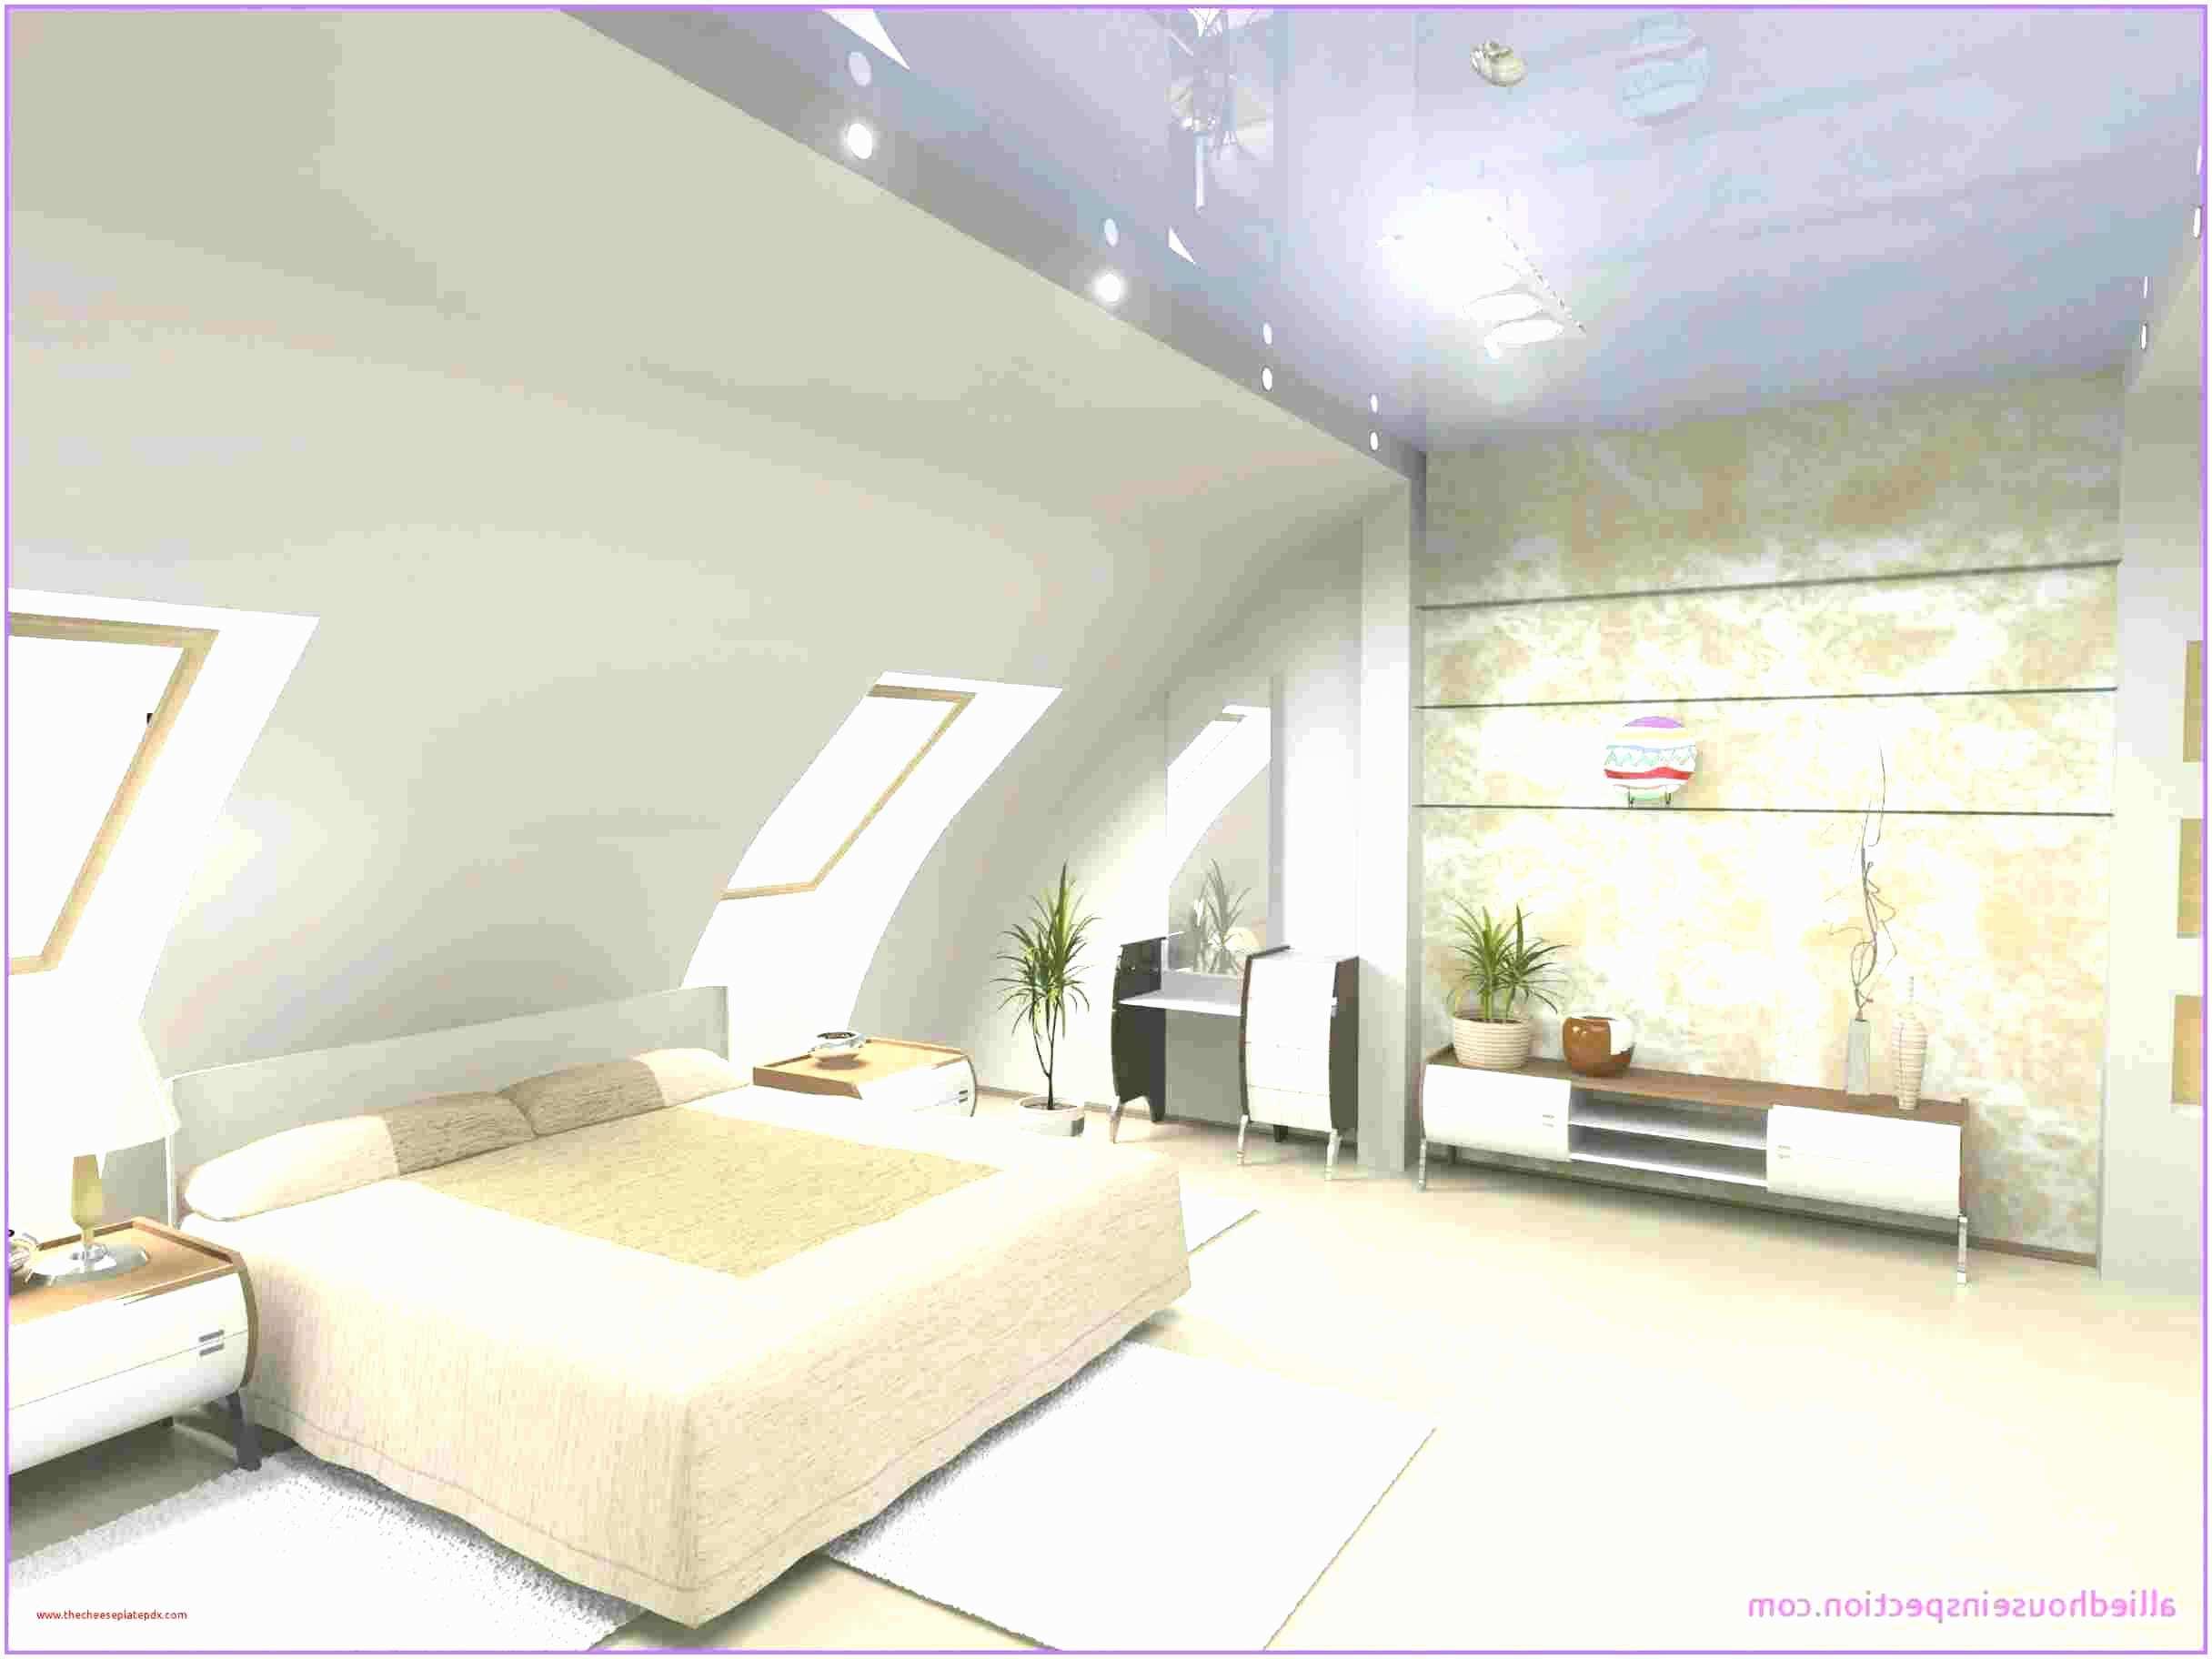 schlafzimmer deko bilder ideen schlafzimmer regal schlafzimmer 0d ideen von deko idee wohnzimmer of deko idee wohnzimmer